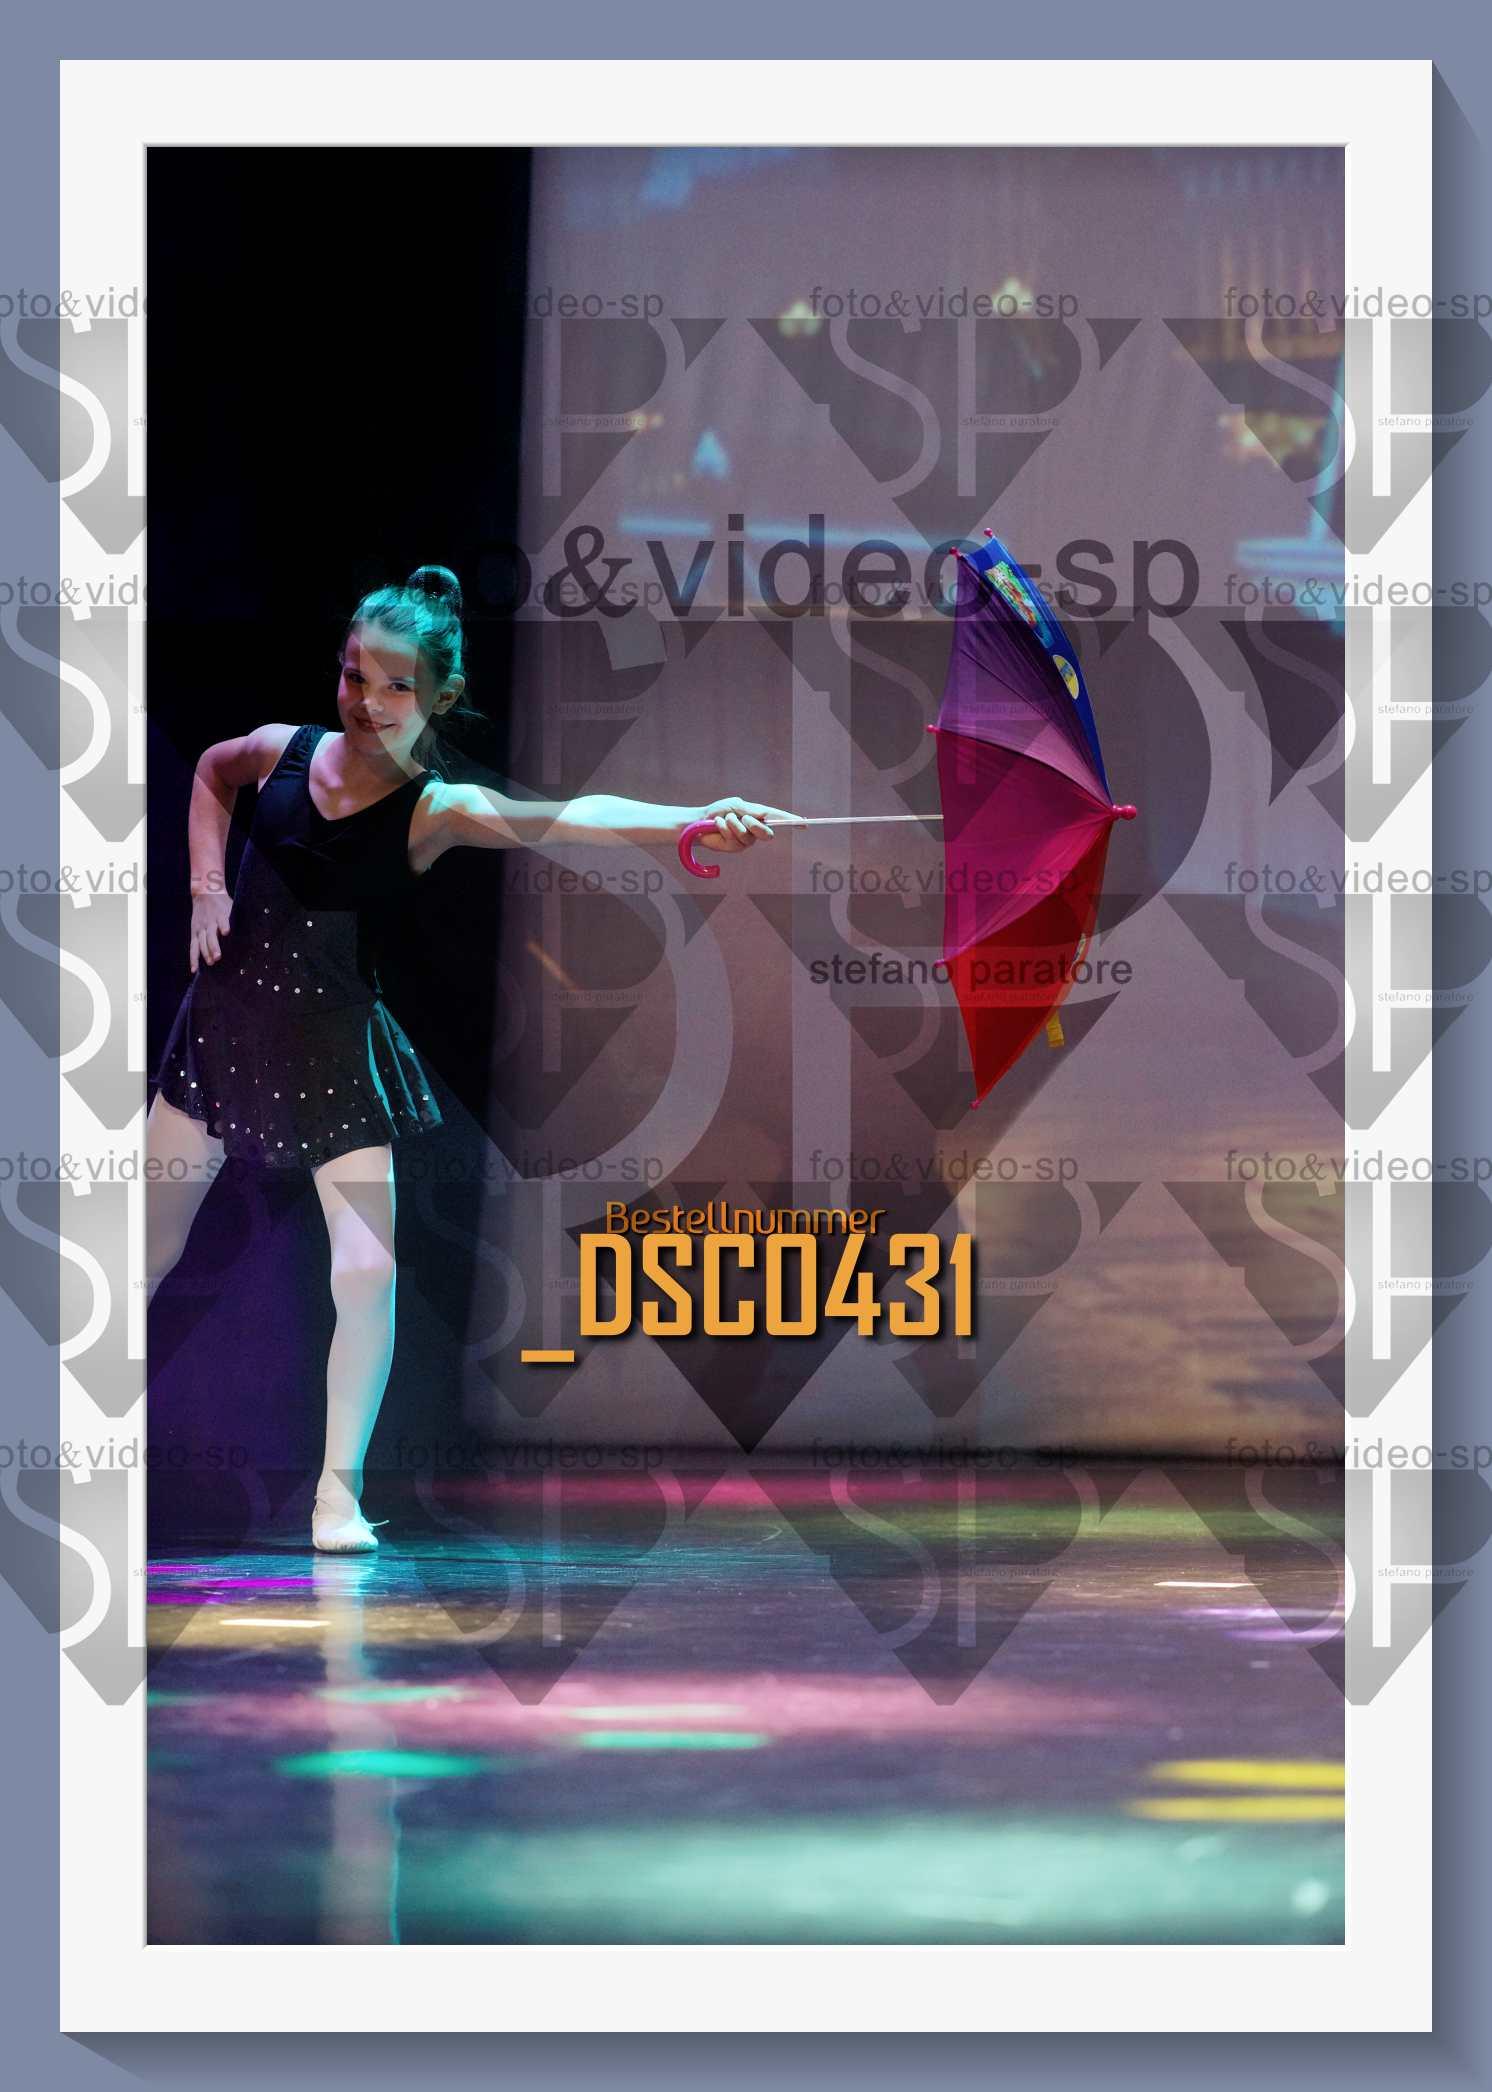 DSC0431